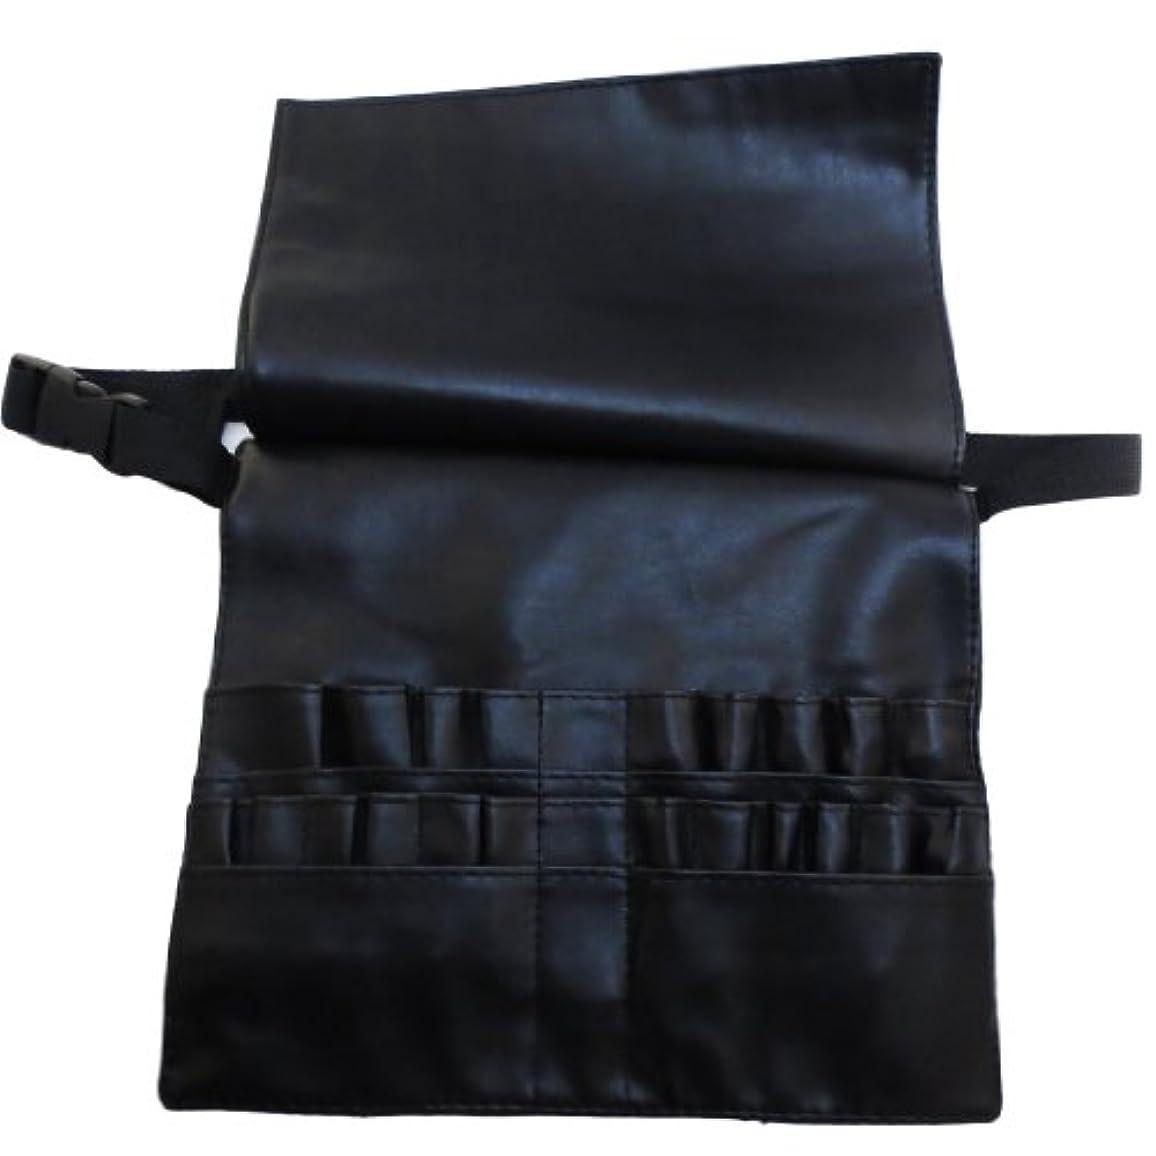 契約したクライアントシエスタ[モノジー] MONOZY メイクブラシ ケース 蓋付き プロ用 腰巻き メイク バッグ カラビナ セット